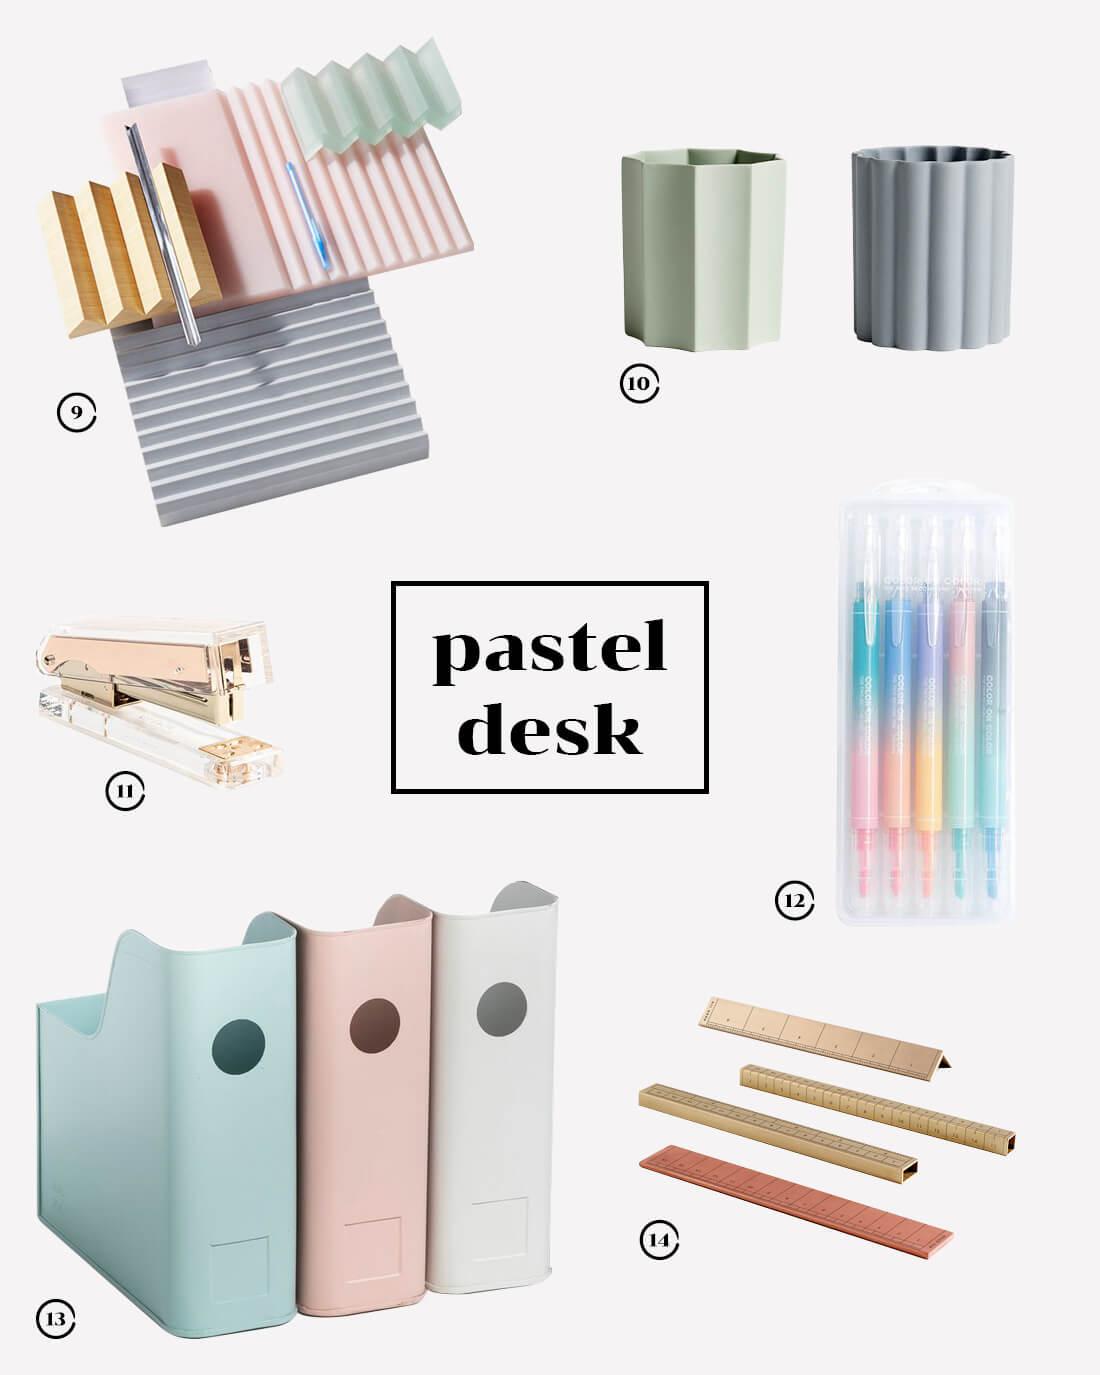 Ispirazioni di design per la scrivania. Style guide pastel desk